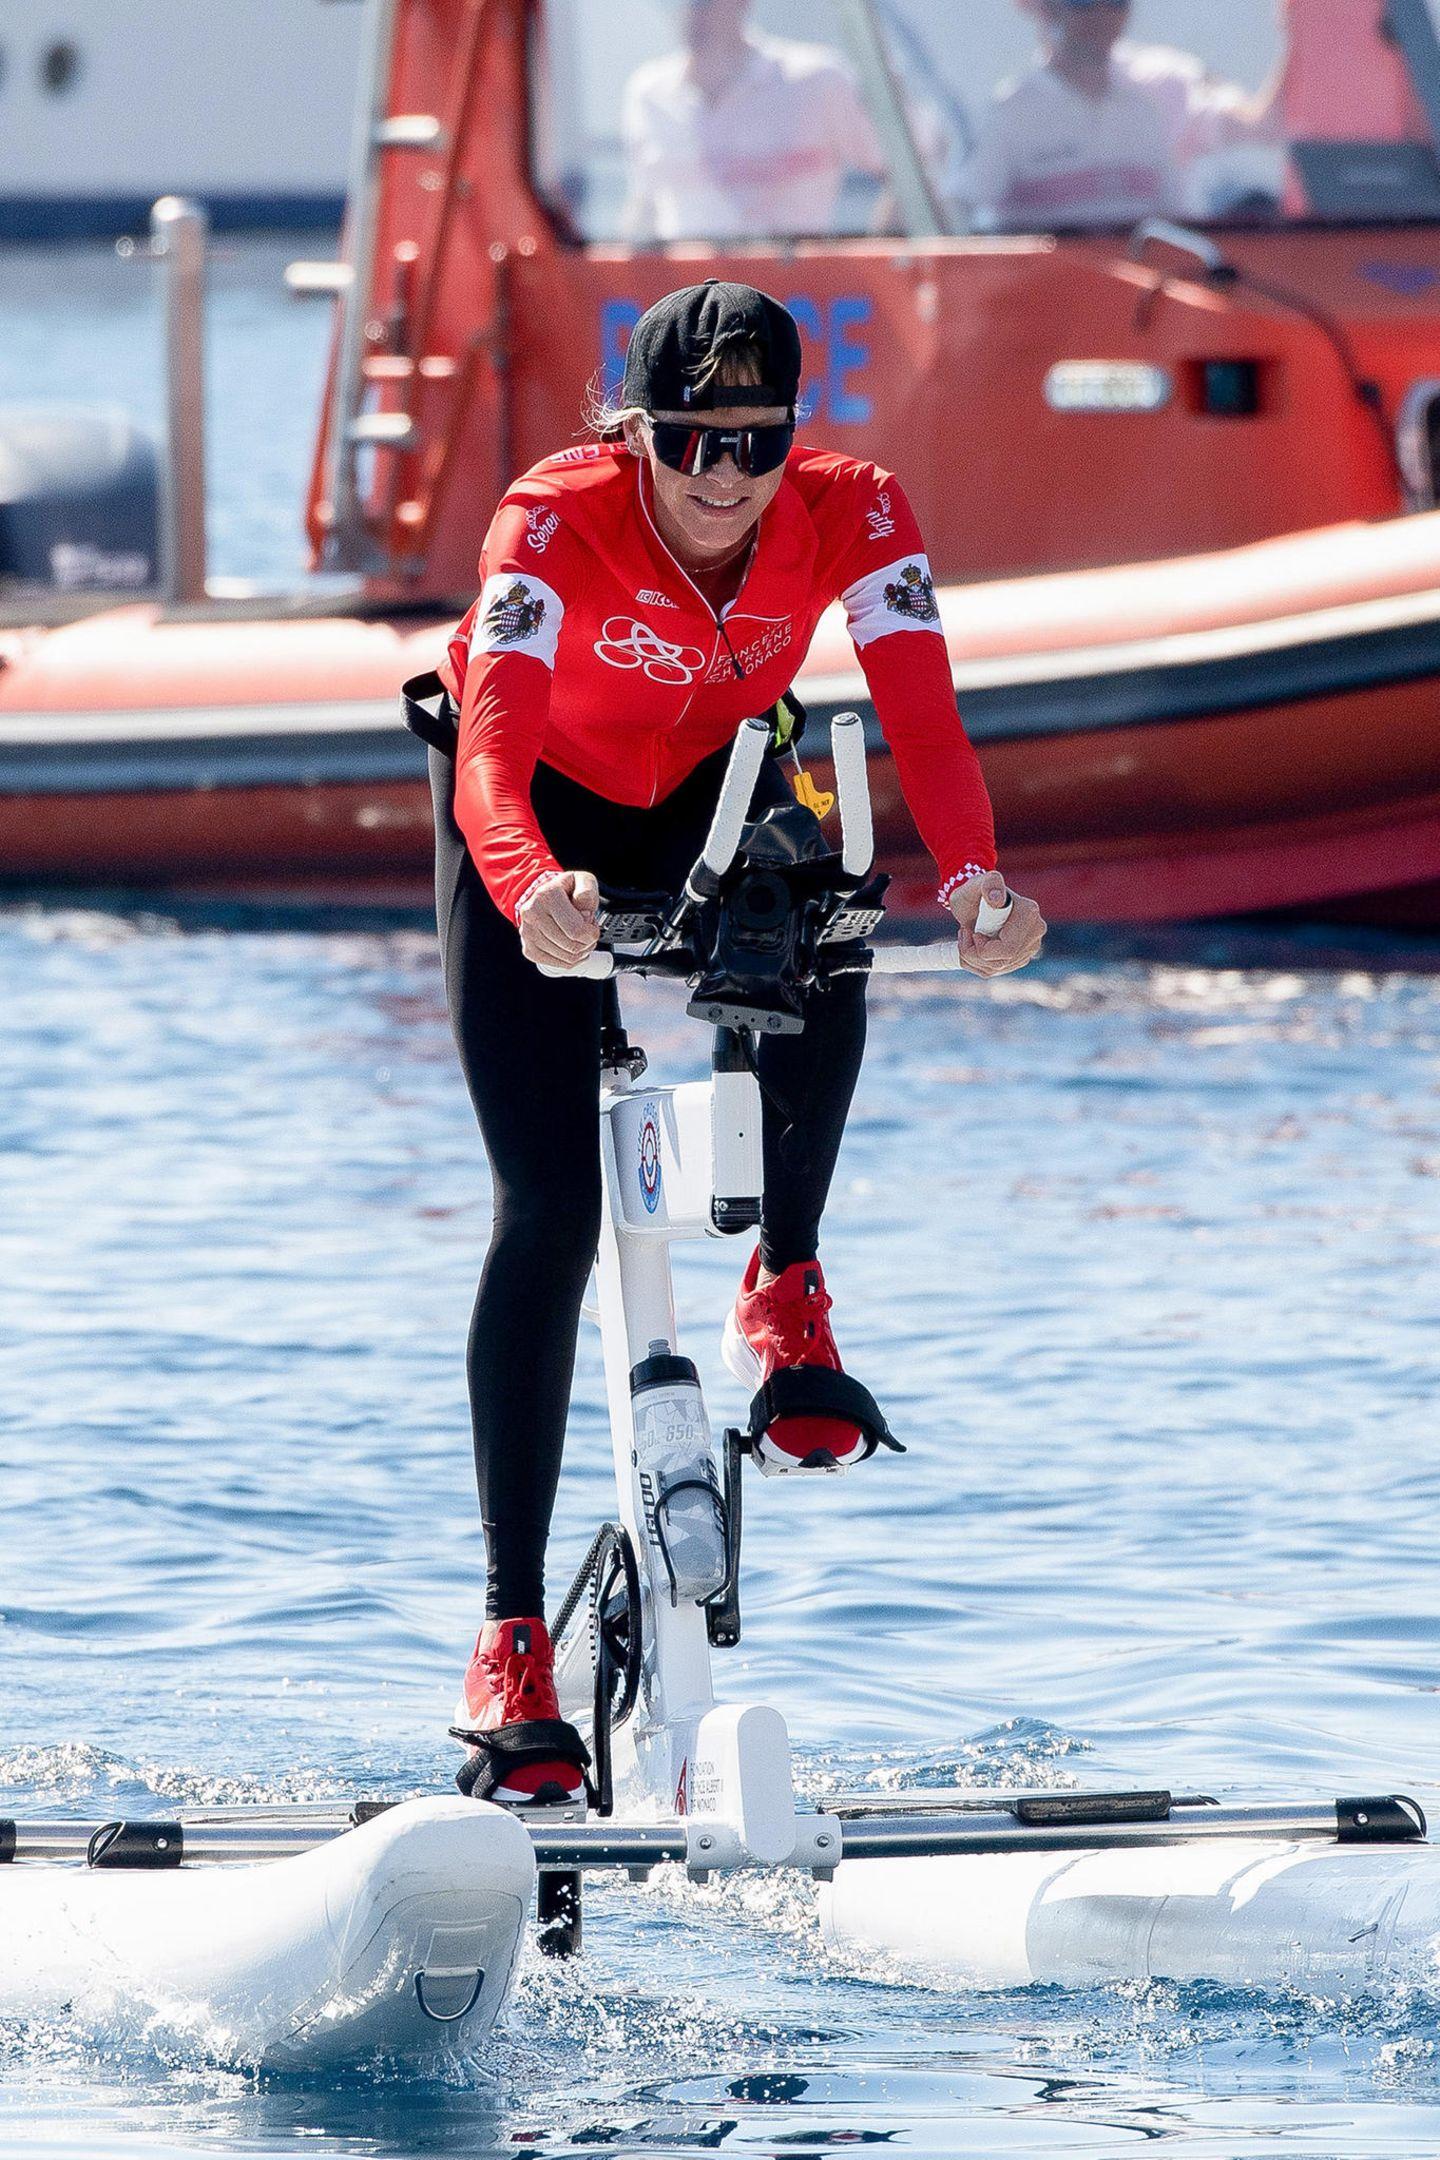 """13. September 2020  Mit ihrem Team """"Serenity"""" hat Fürstin Charlène für die 3. Waterbike-Challenge die unfassbare Strecke von über 180 Kilometern über das Mittelmeer von Calvi auf Korsika nach Monaco zurückgelegt. Die Freude über den Sieg gegen das gegnerische Team """"Notorious""""ist ihr nach 24 Stunden Höchstleistung kurz vor dem Ziel anzusehen."""